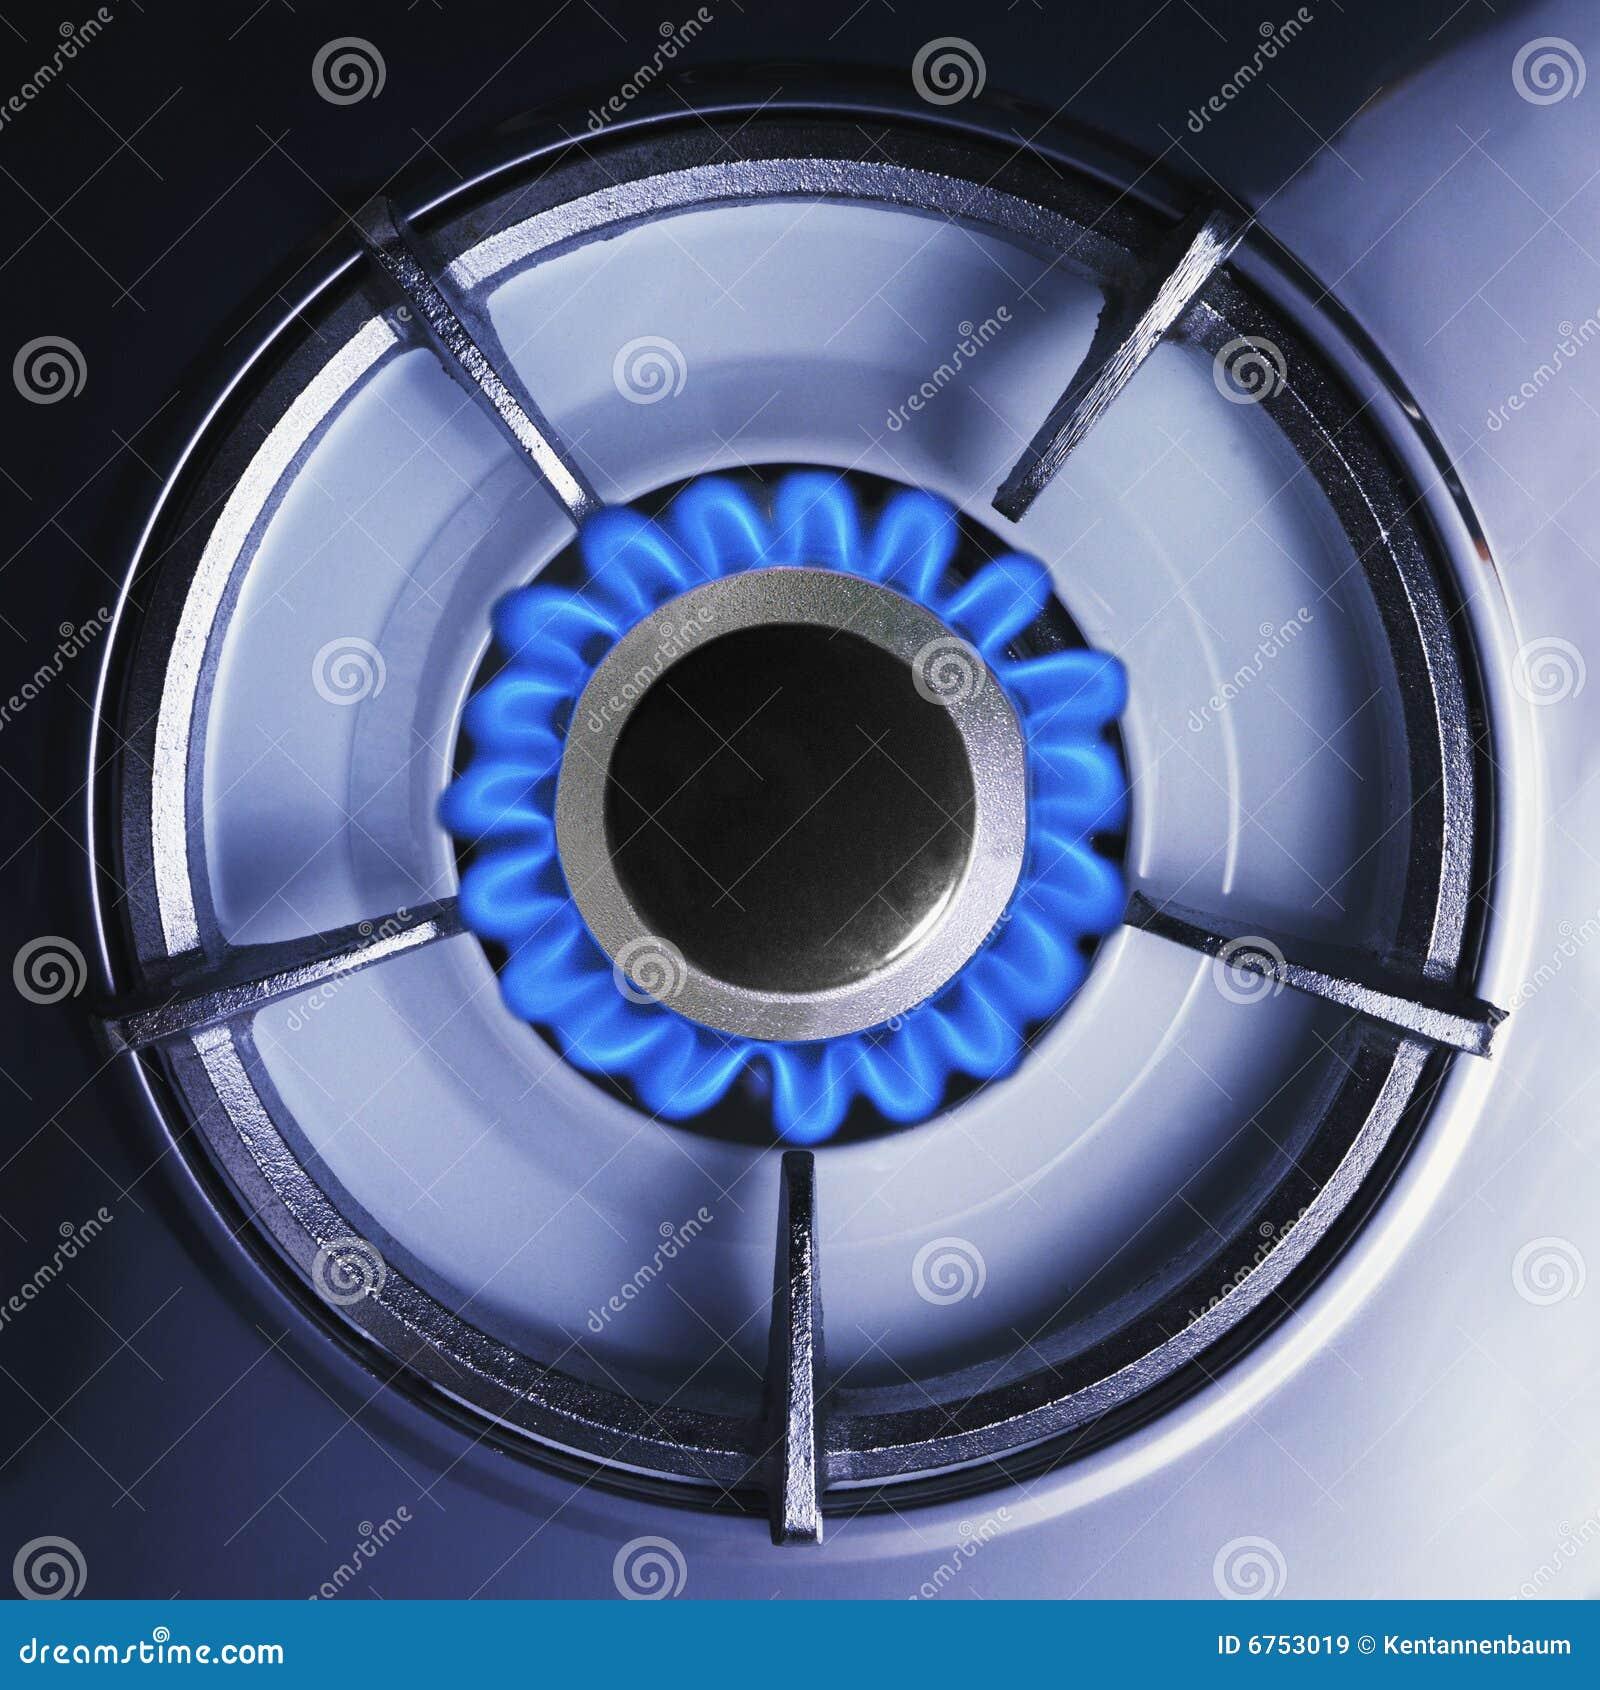 stovetop gas burner stove top burners64 top